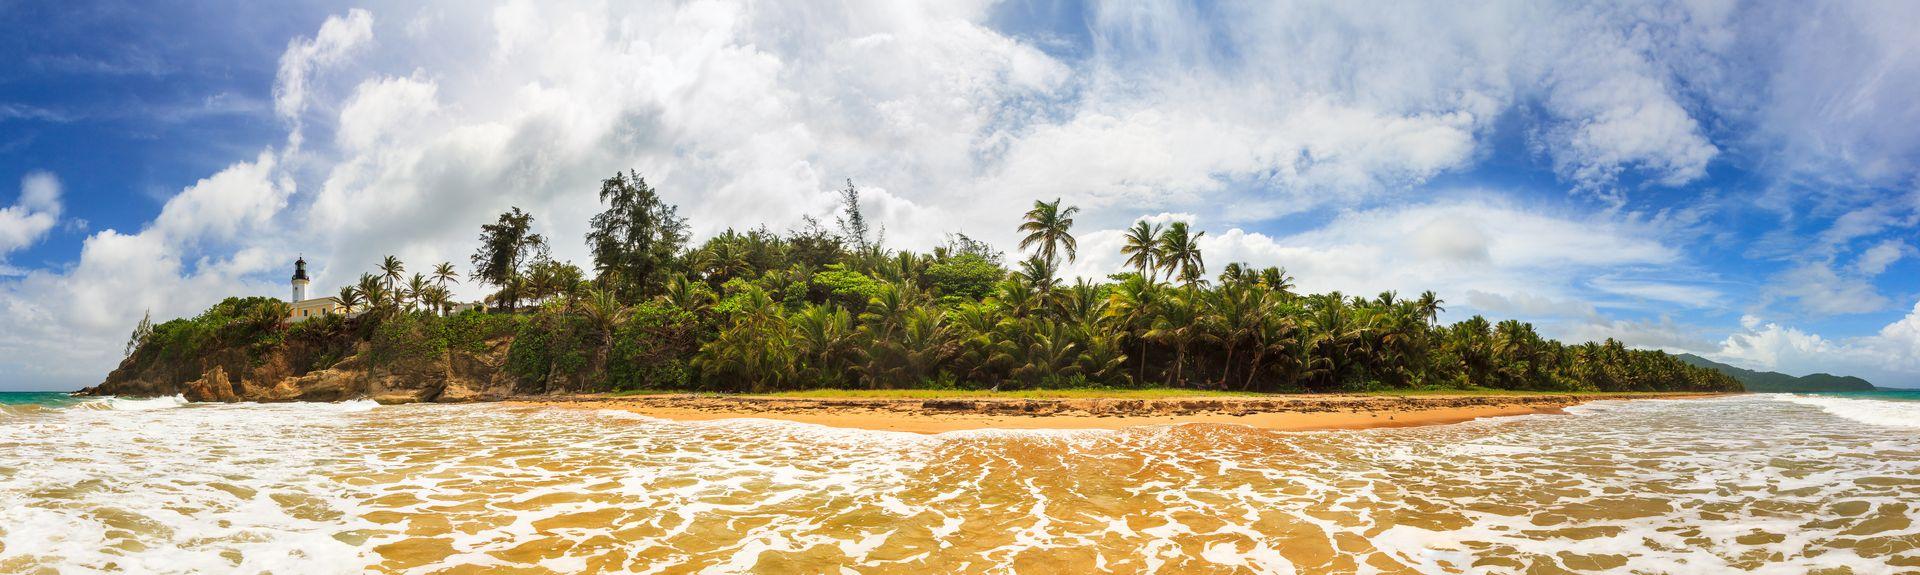 Palmas del Mar (Humacao, Puerto Rico)